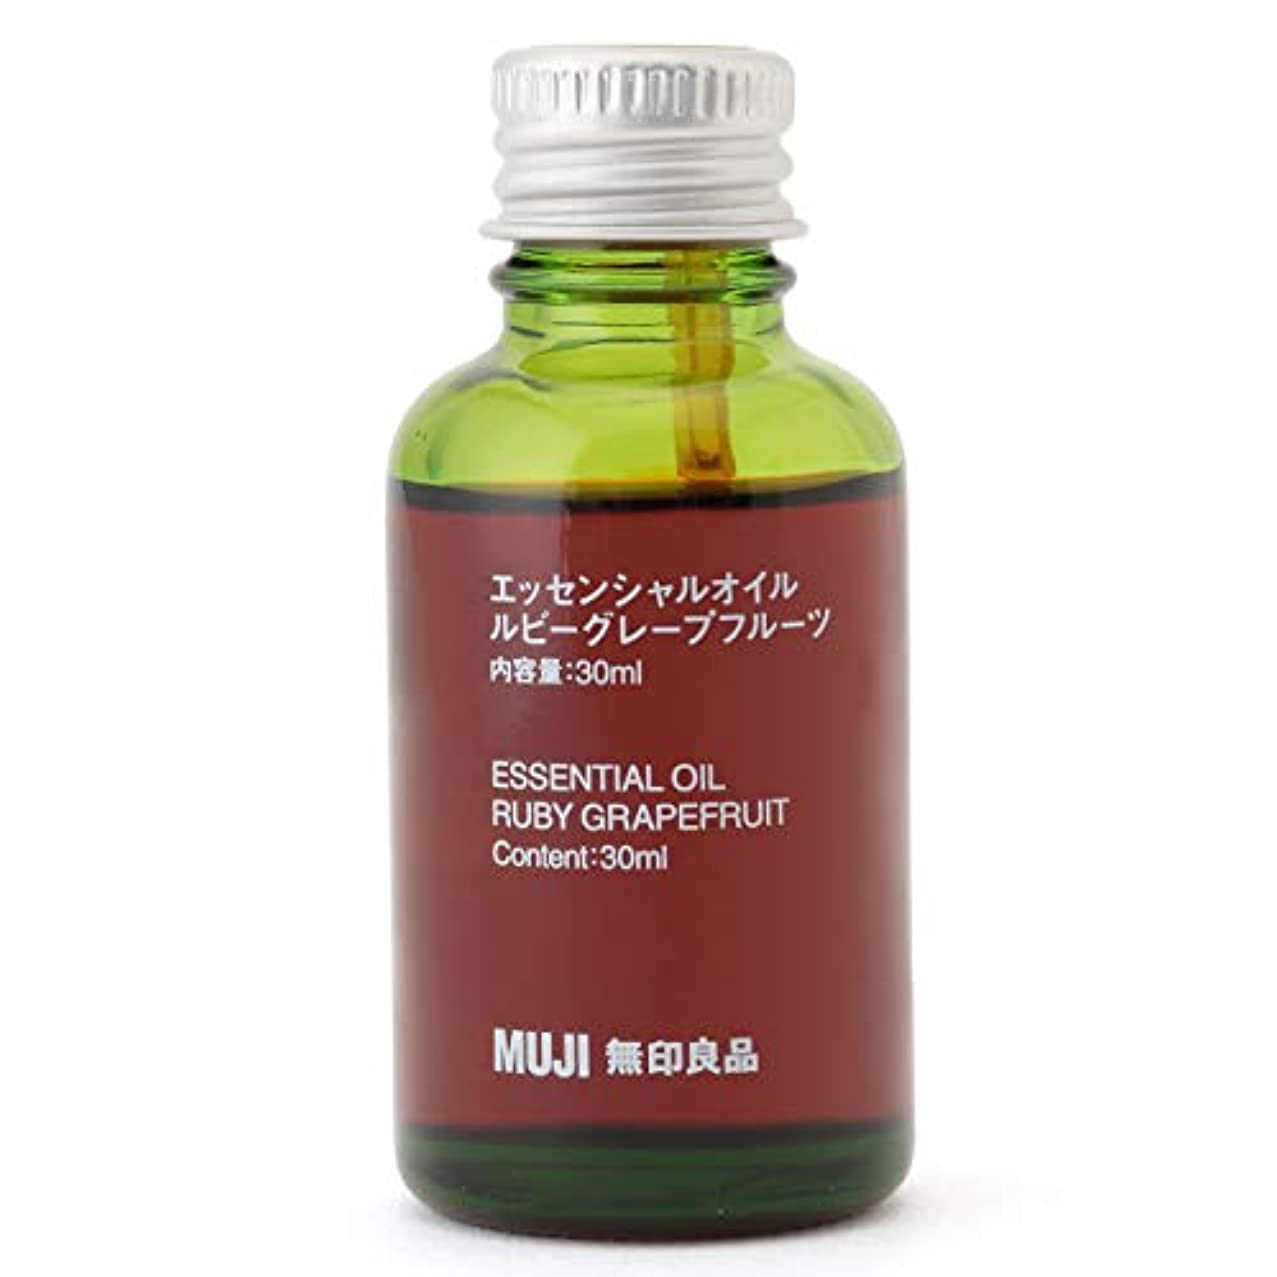 技術的な本体薬局【無印良品】エッセンシャルオイル30ml(ルビーグレープフルーツ)